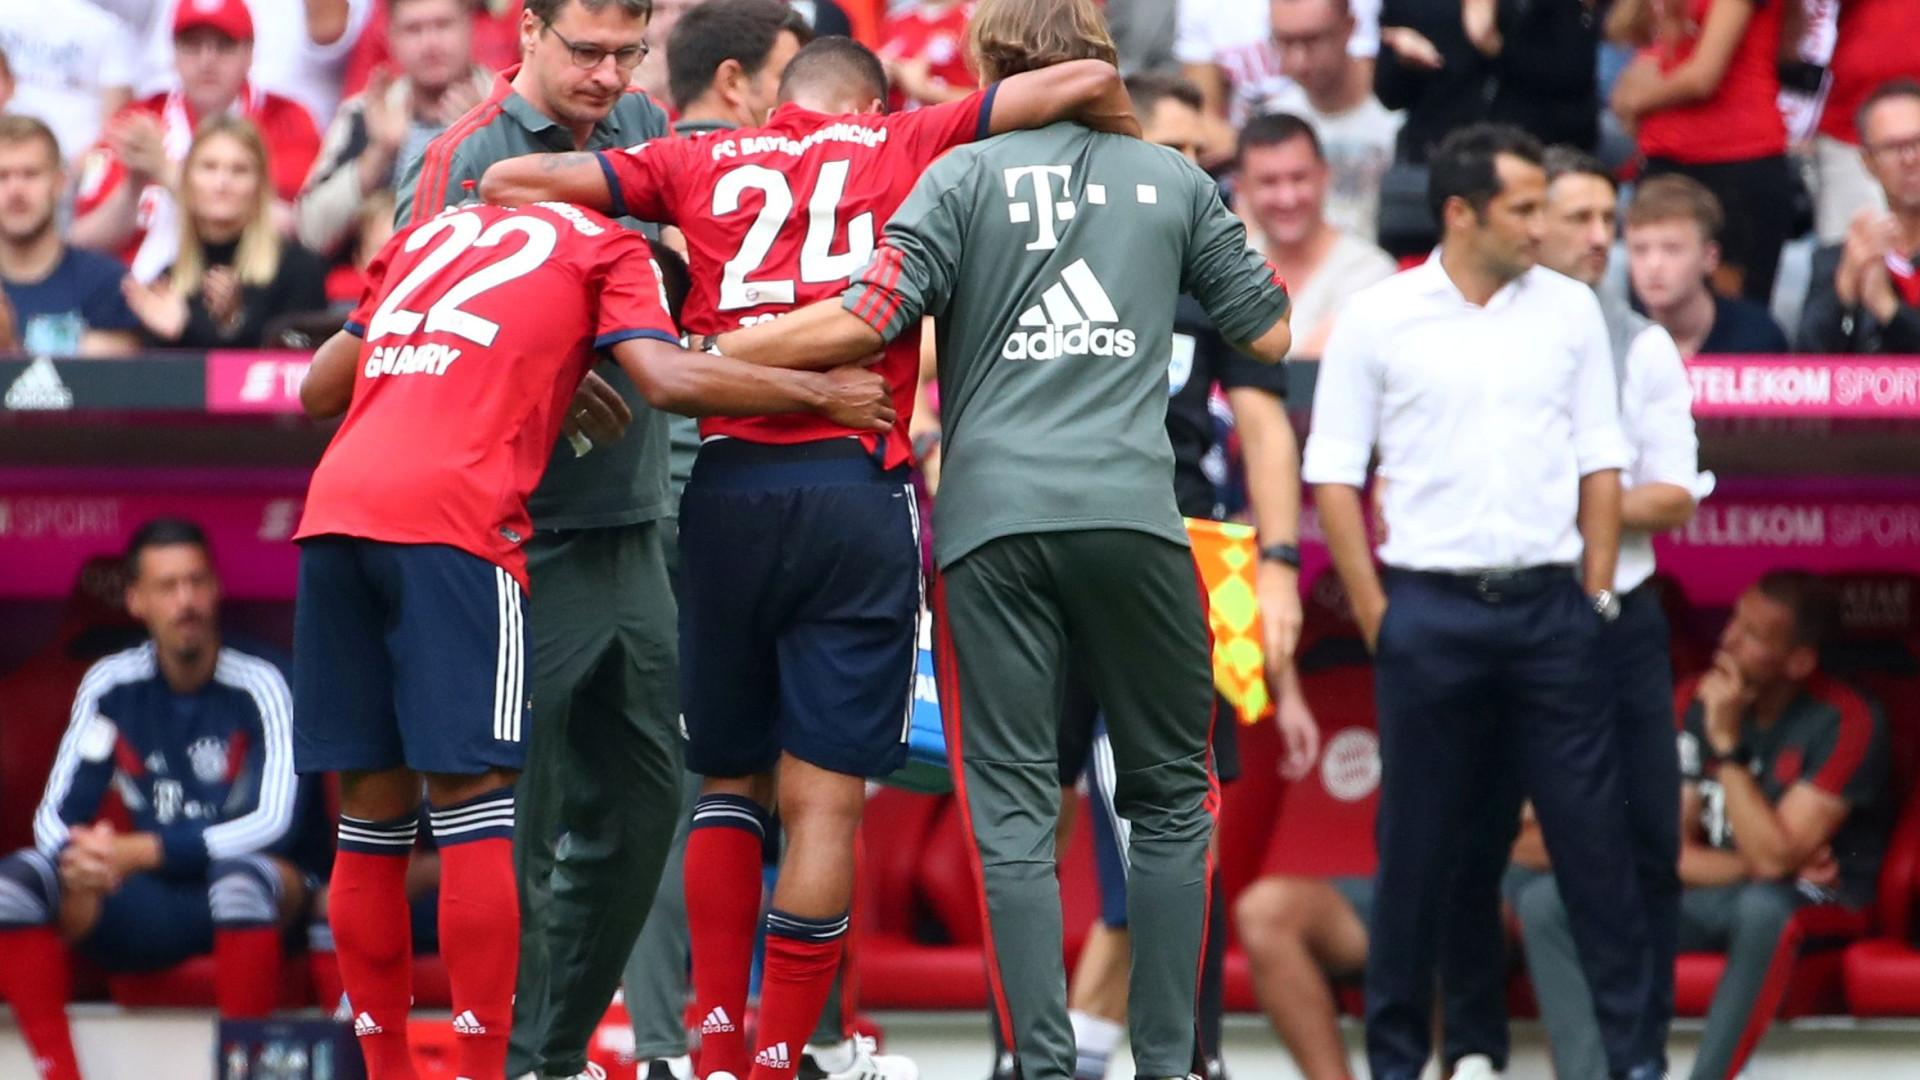 Atenção Benfica: Bayern vence antes da visita à Luz, mas perde dupla